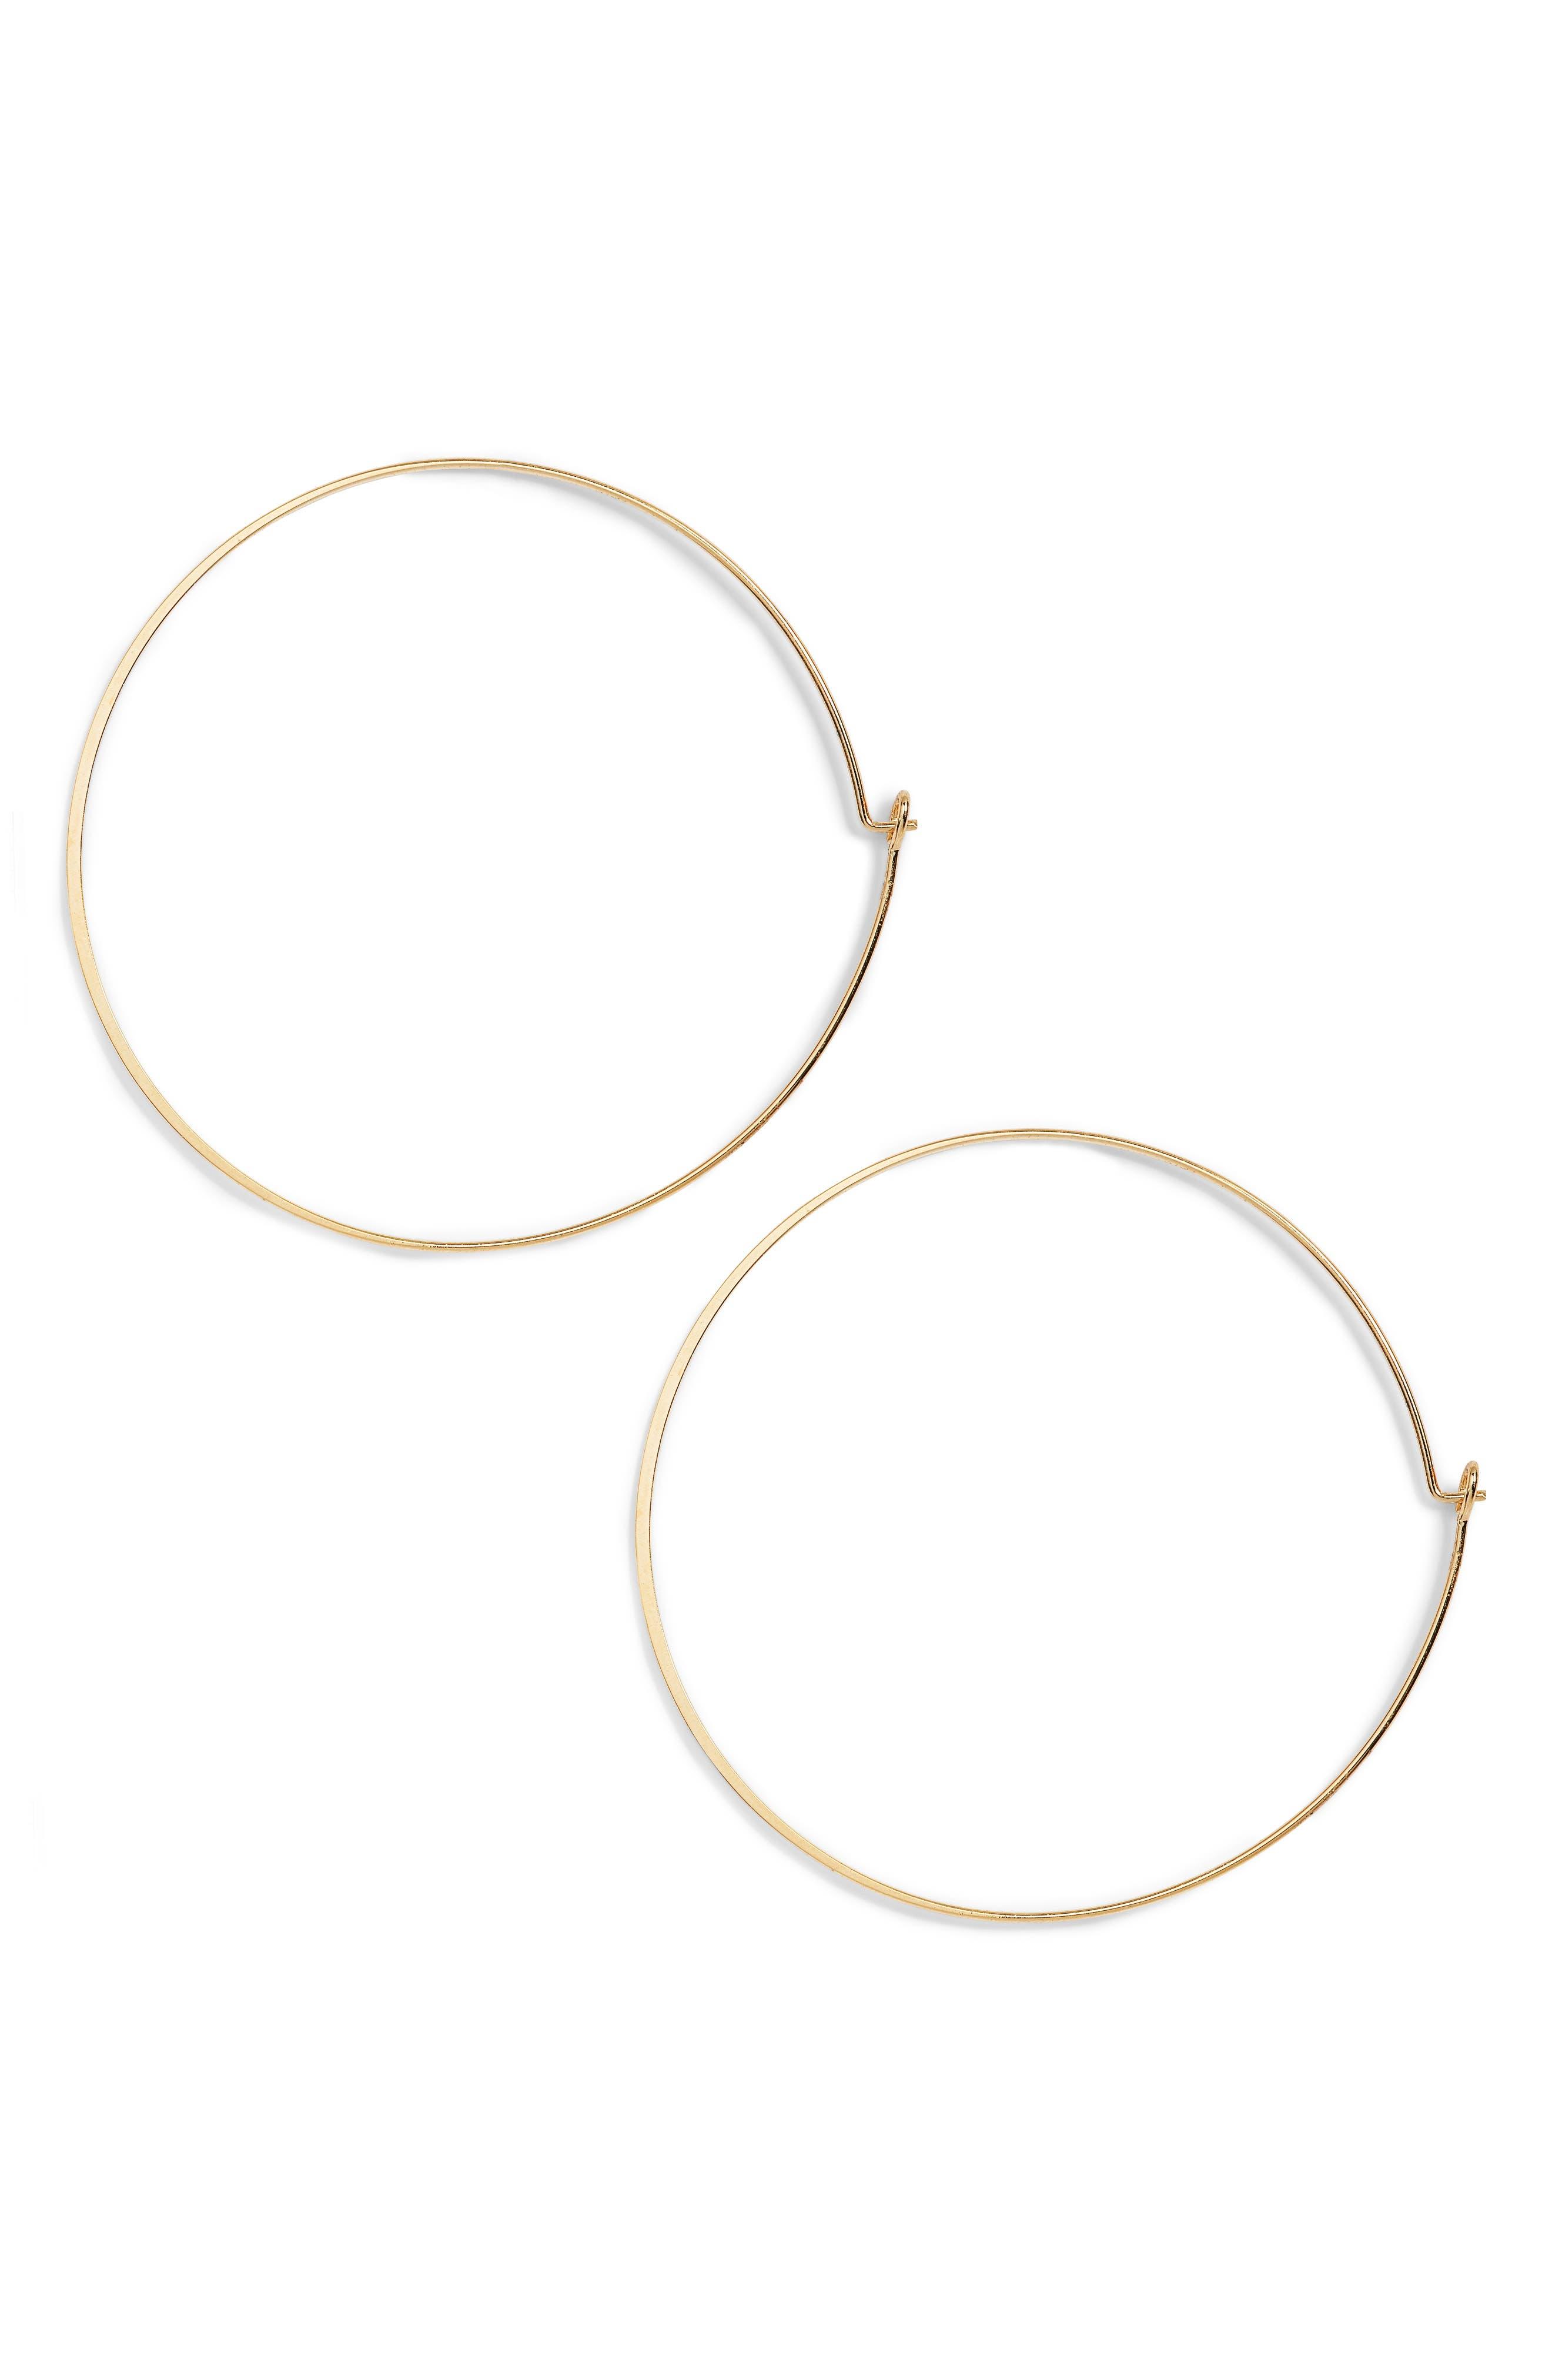 Main Image - Jules Smith Suki Hoop Earrings